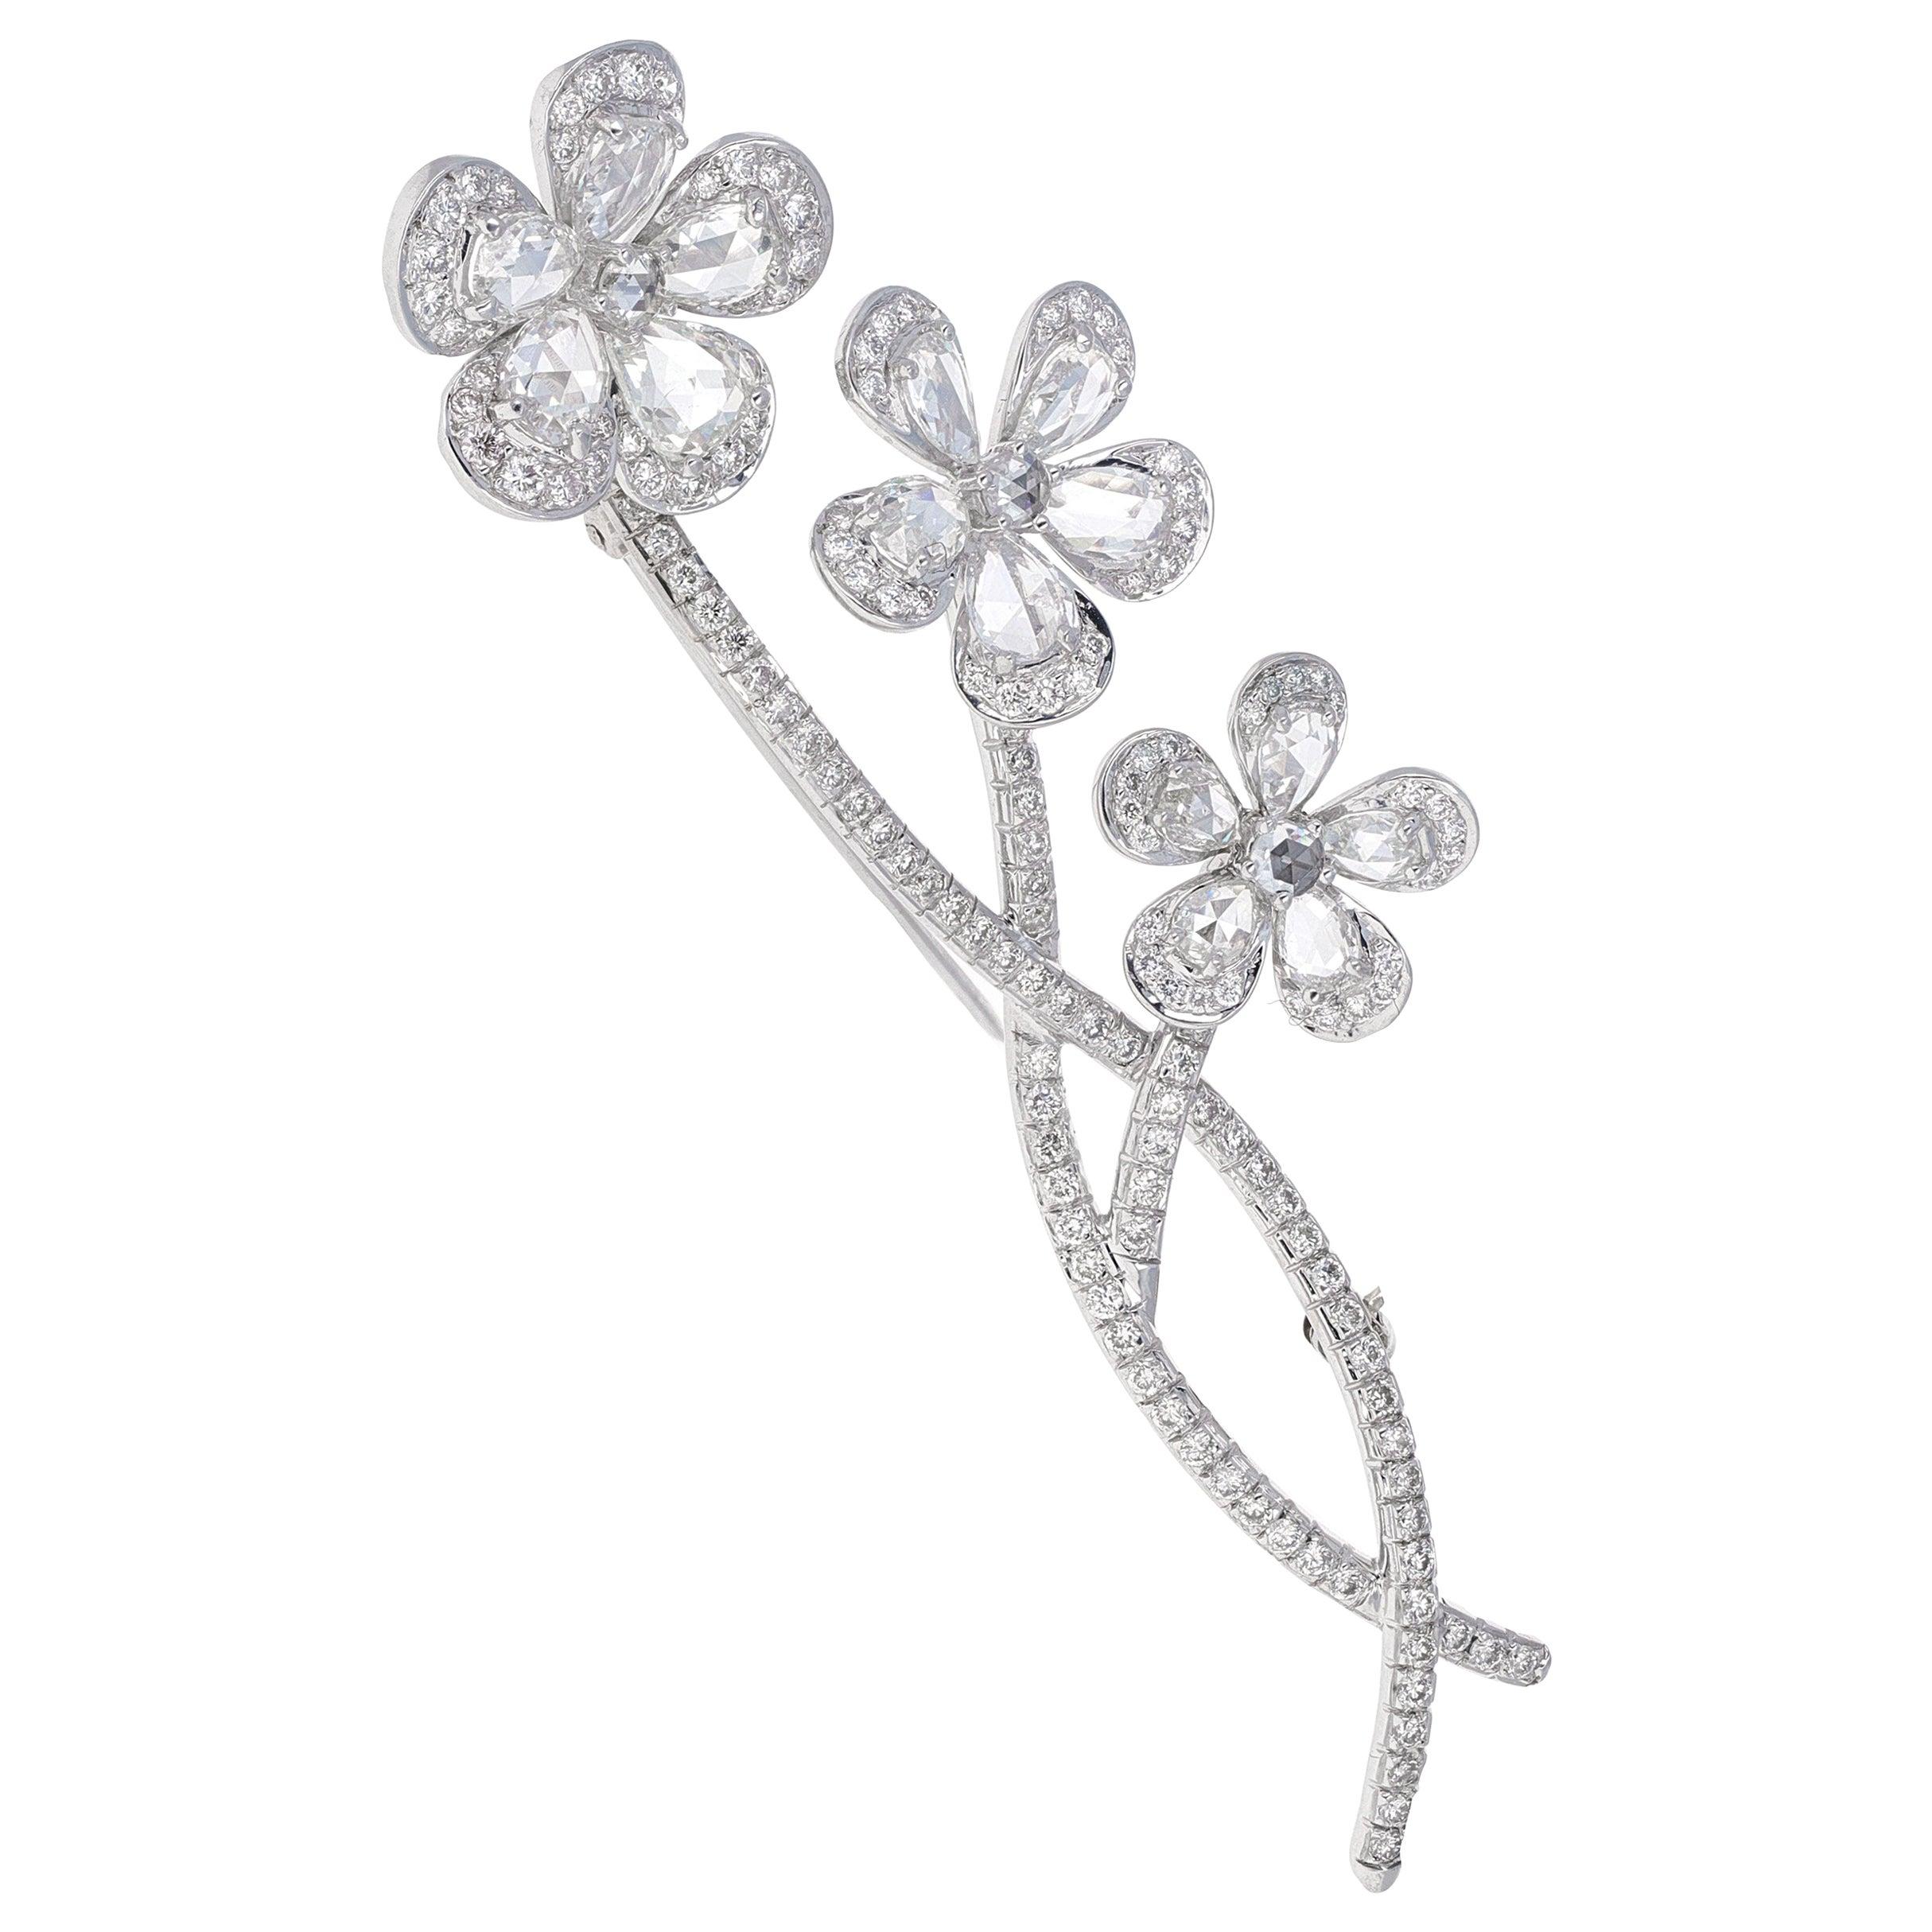 Vintage, En tremblant, Rose Cut Diamond Flower Brooch